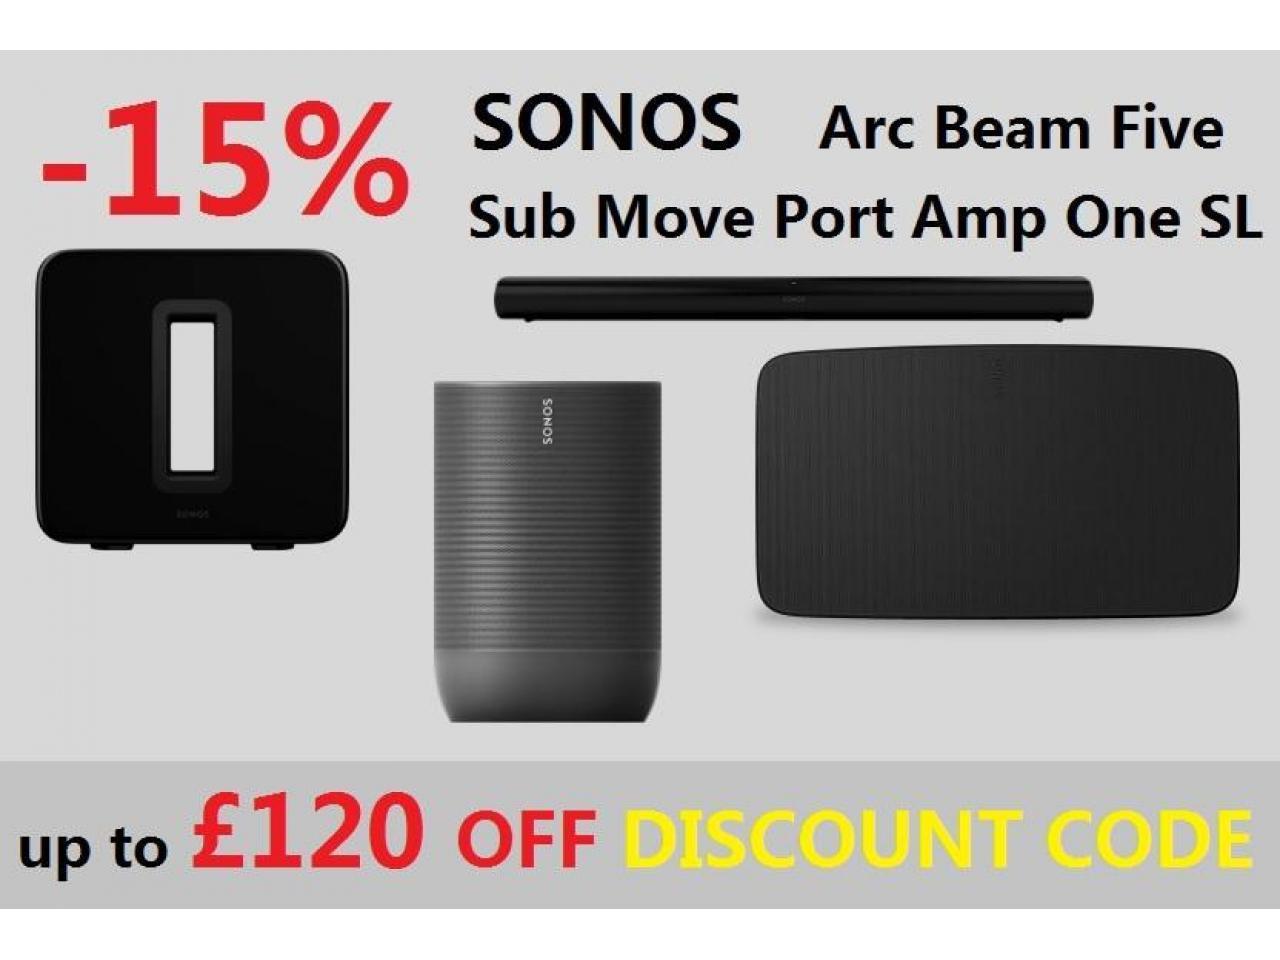 Купон на скидку - 15% для музыкальной техники Sonos UK store - 1